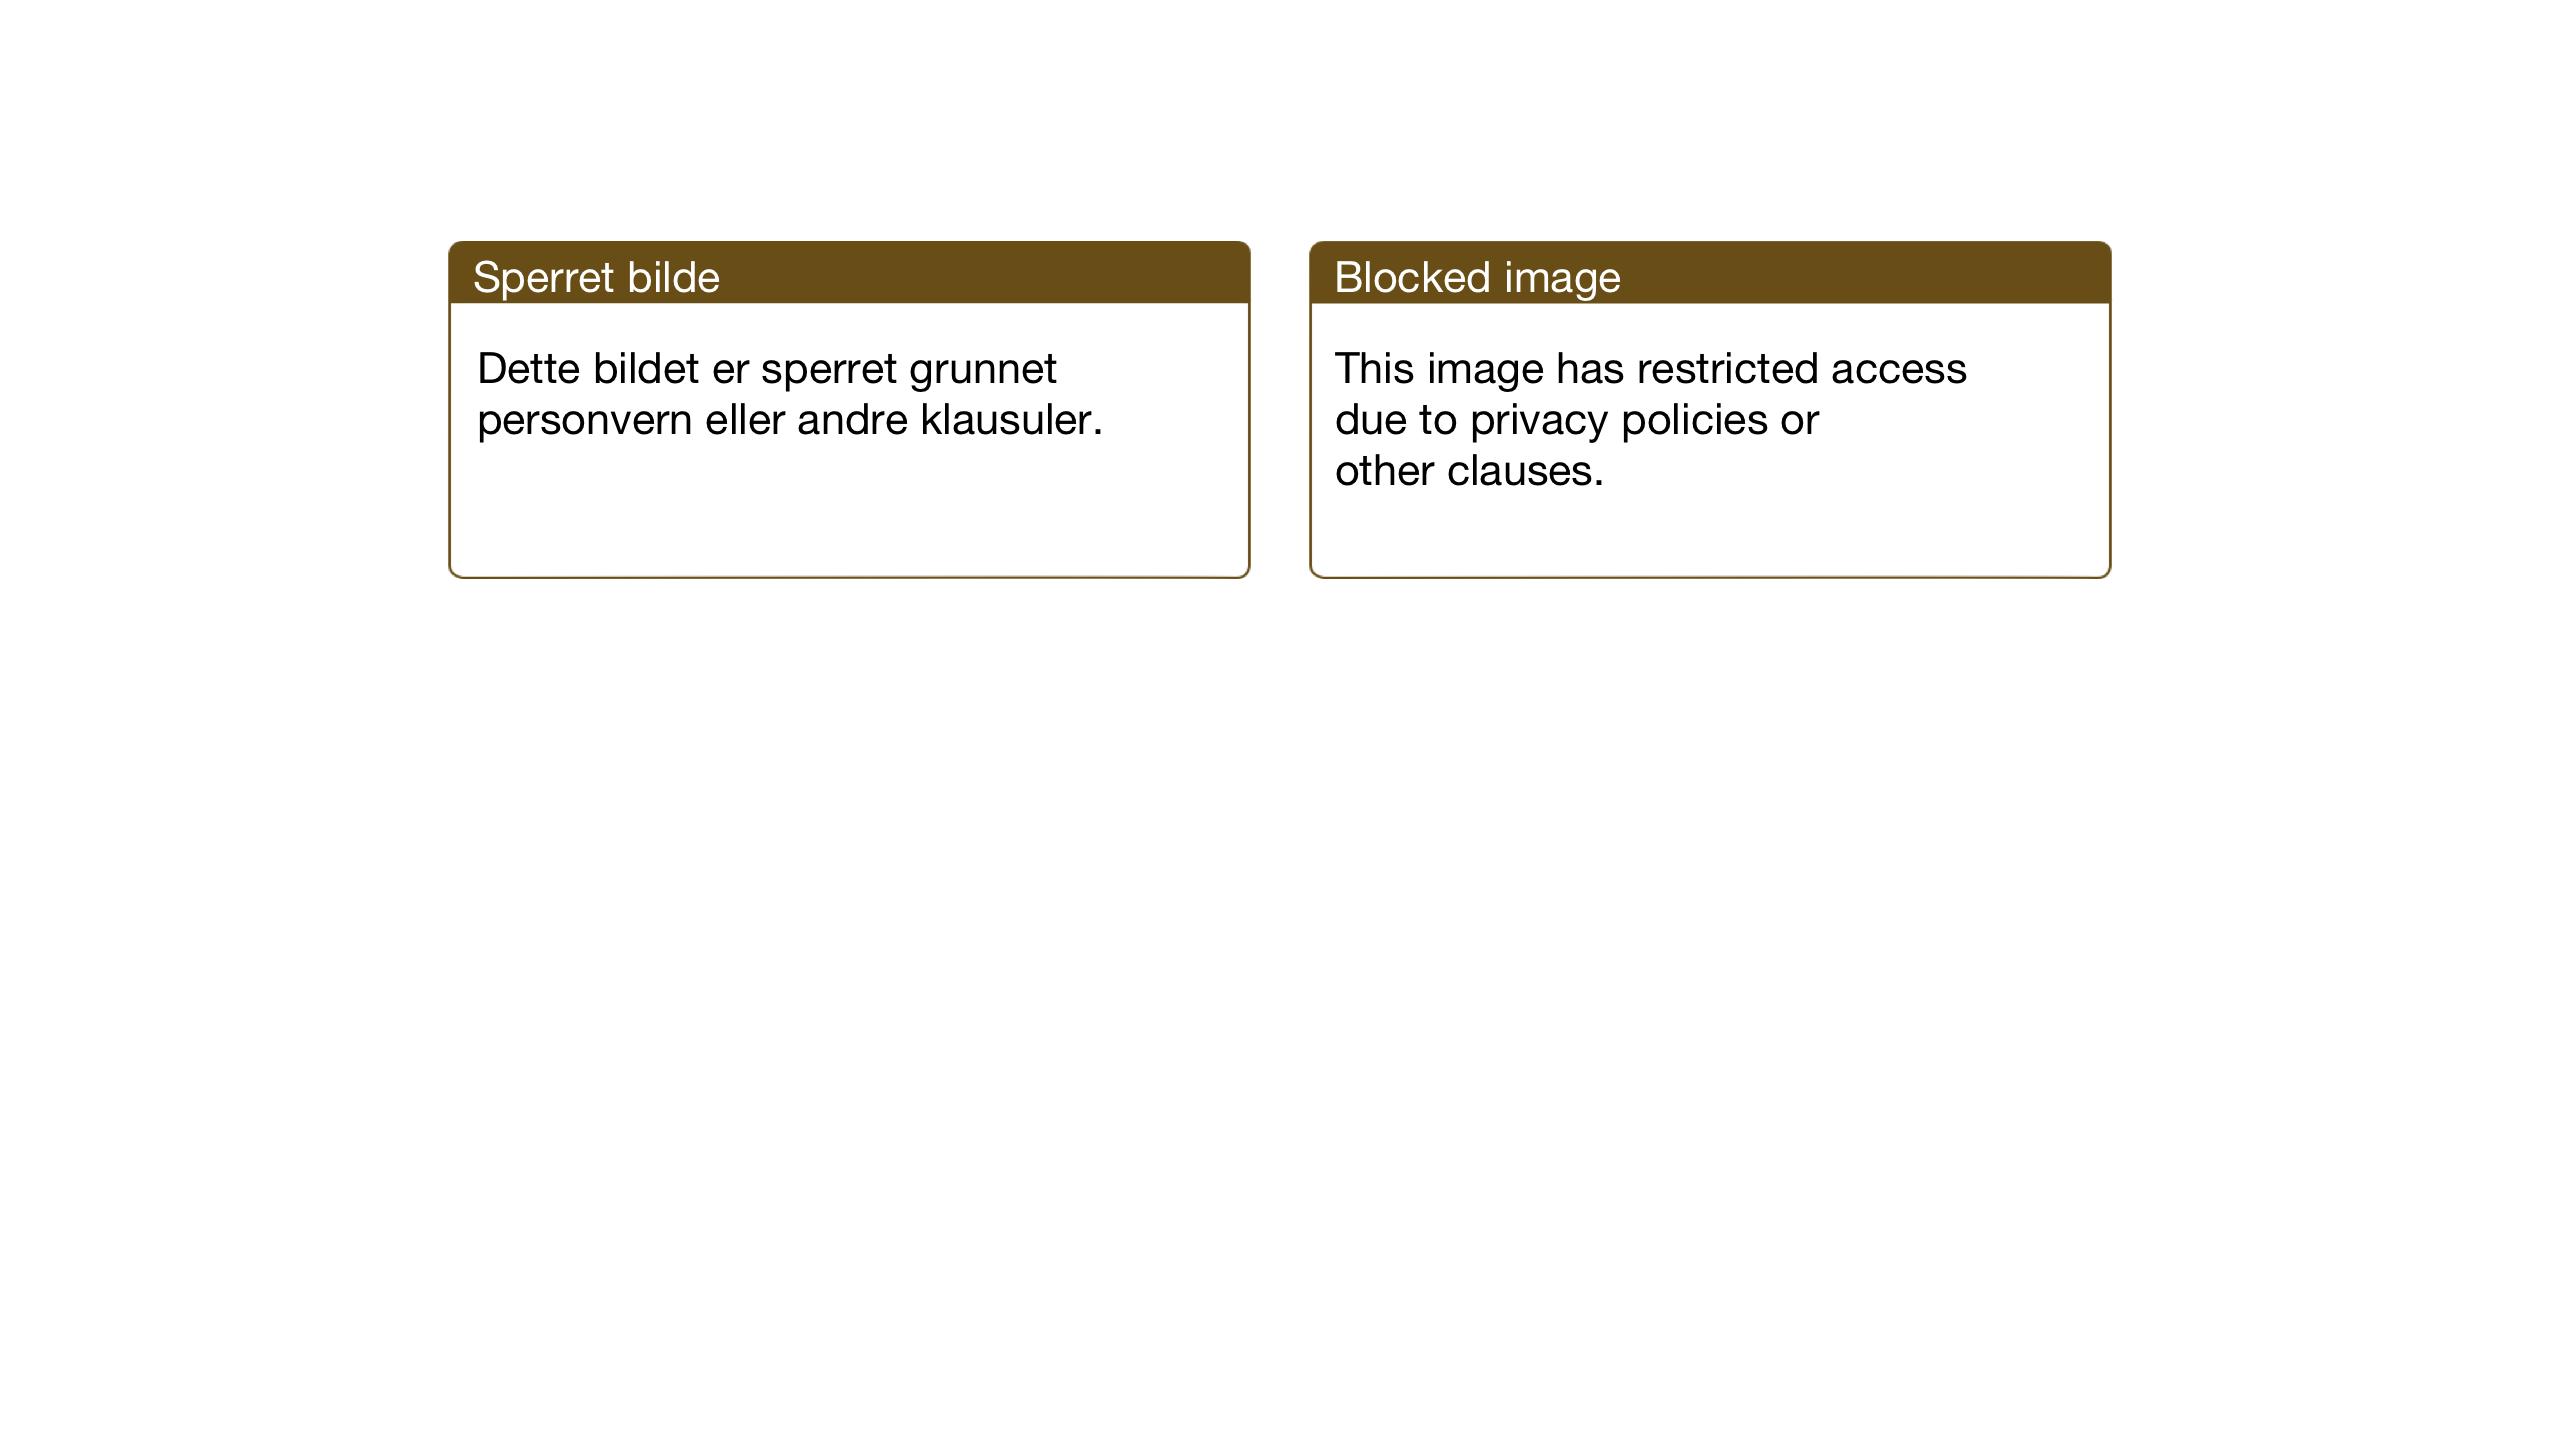 SAT, Ministerialprotokoller, klokkerbøker og fødselsregistre - Sør-Trøndelag, 653/L0658: Klokkerbok nr. 653C02, 1919-1947, s. 149